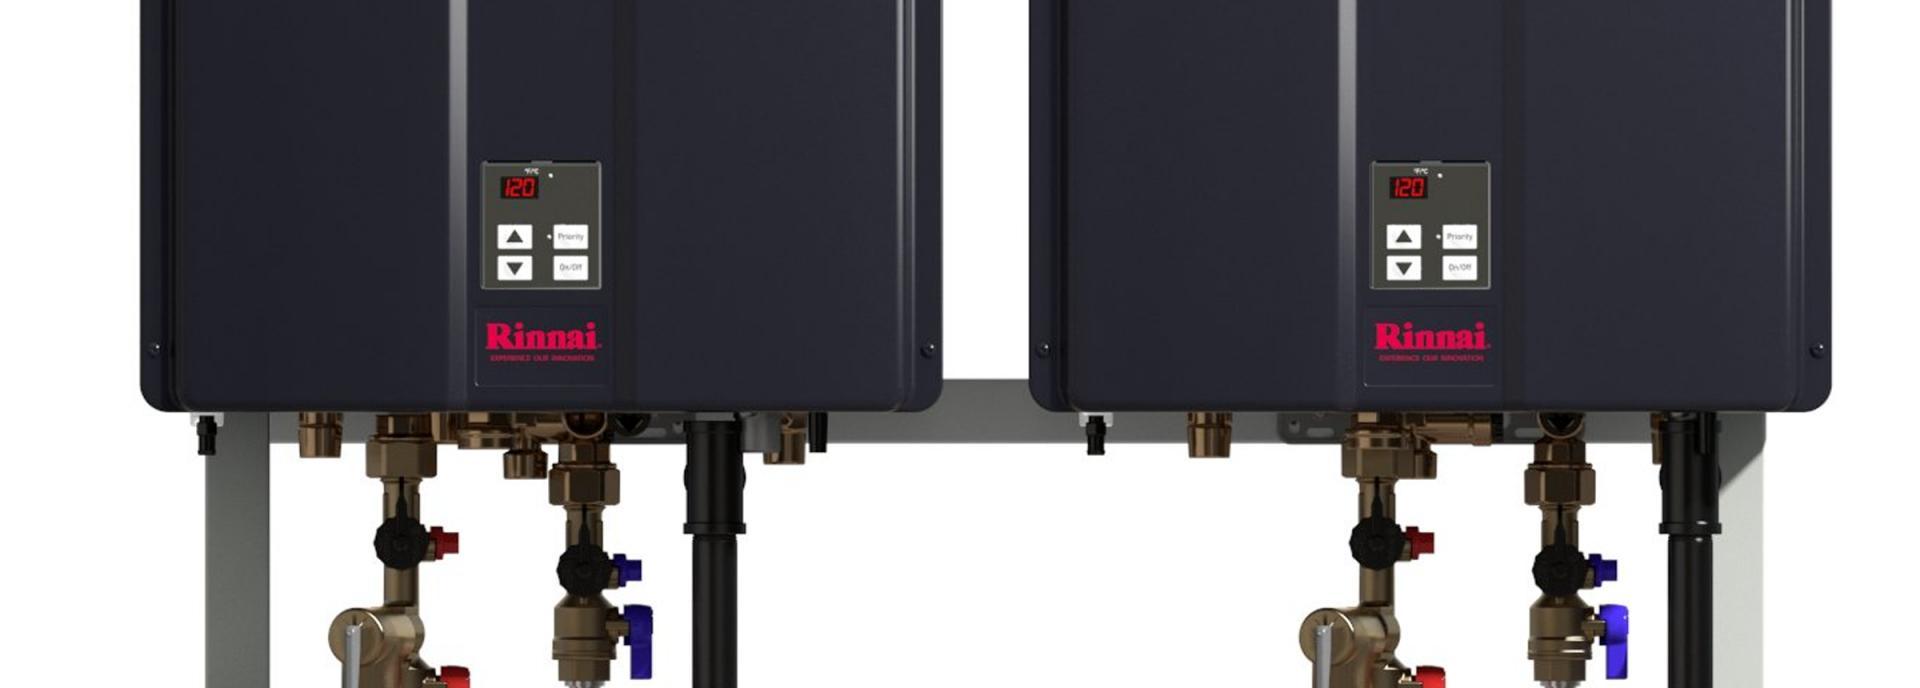 cu199 models rinnai america cu199 models rinnai boilers wiring diagram  [ 1920 x 688 Pixel ]